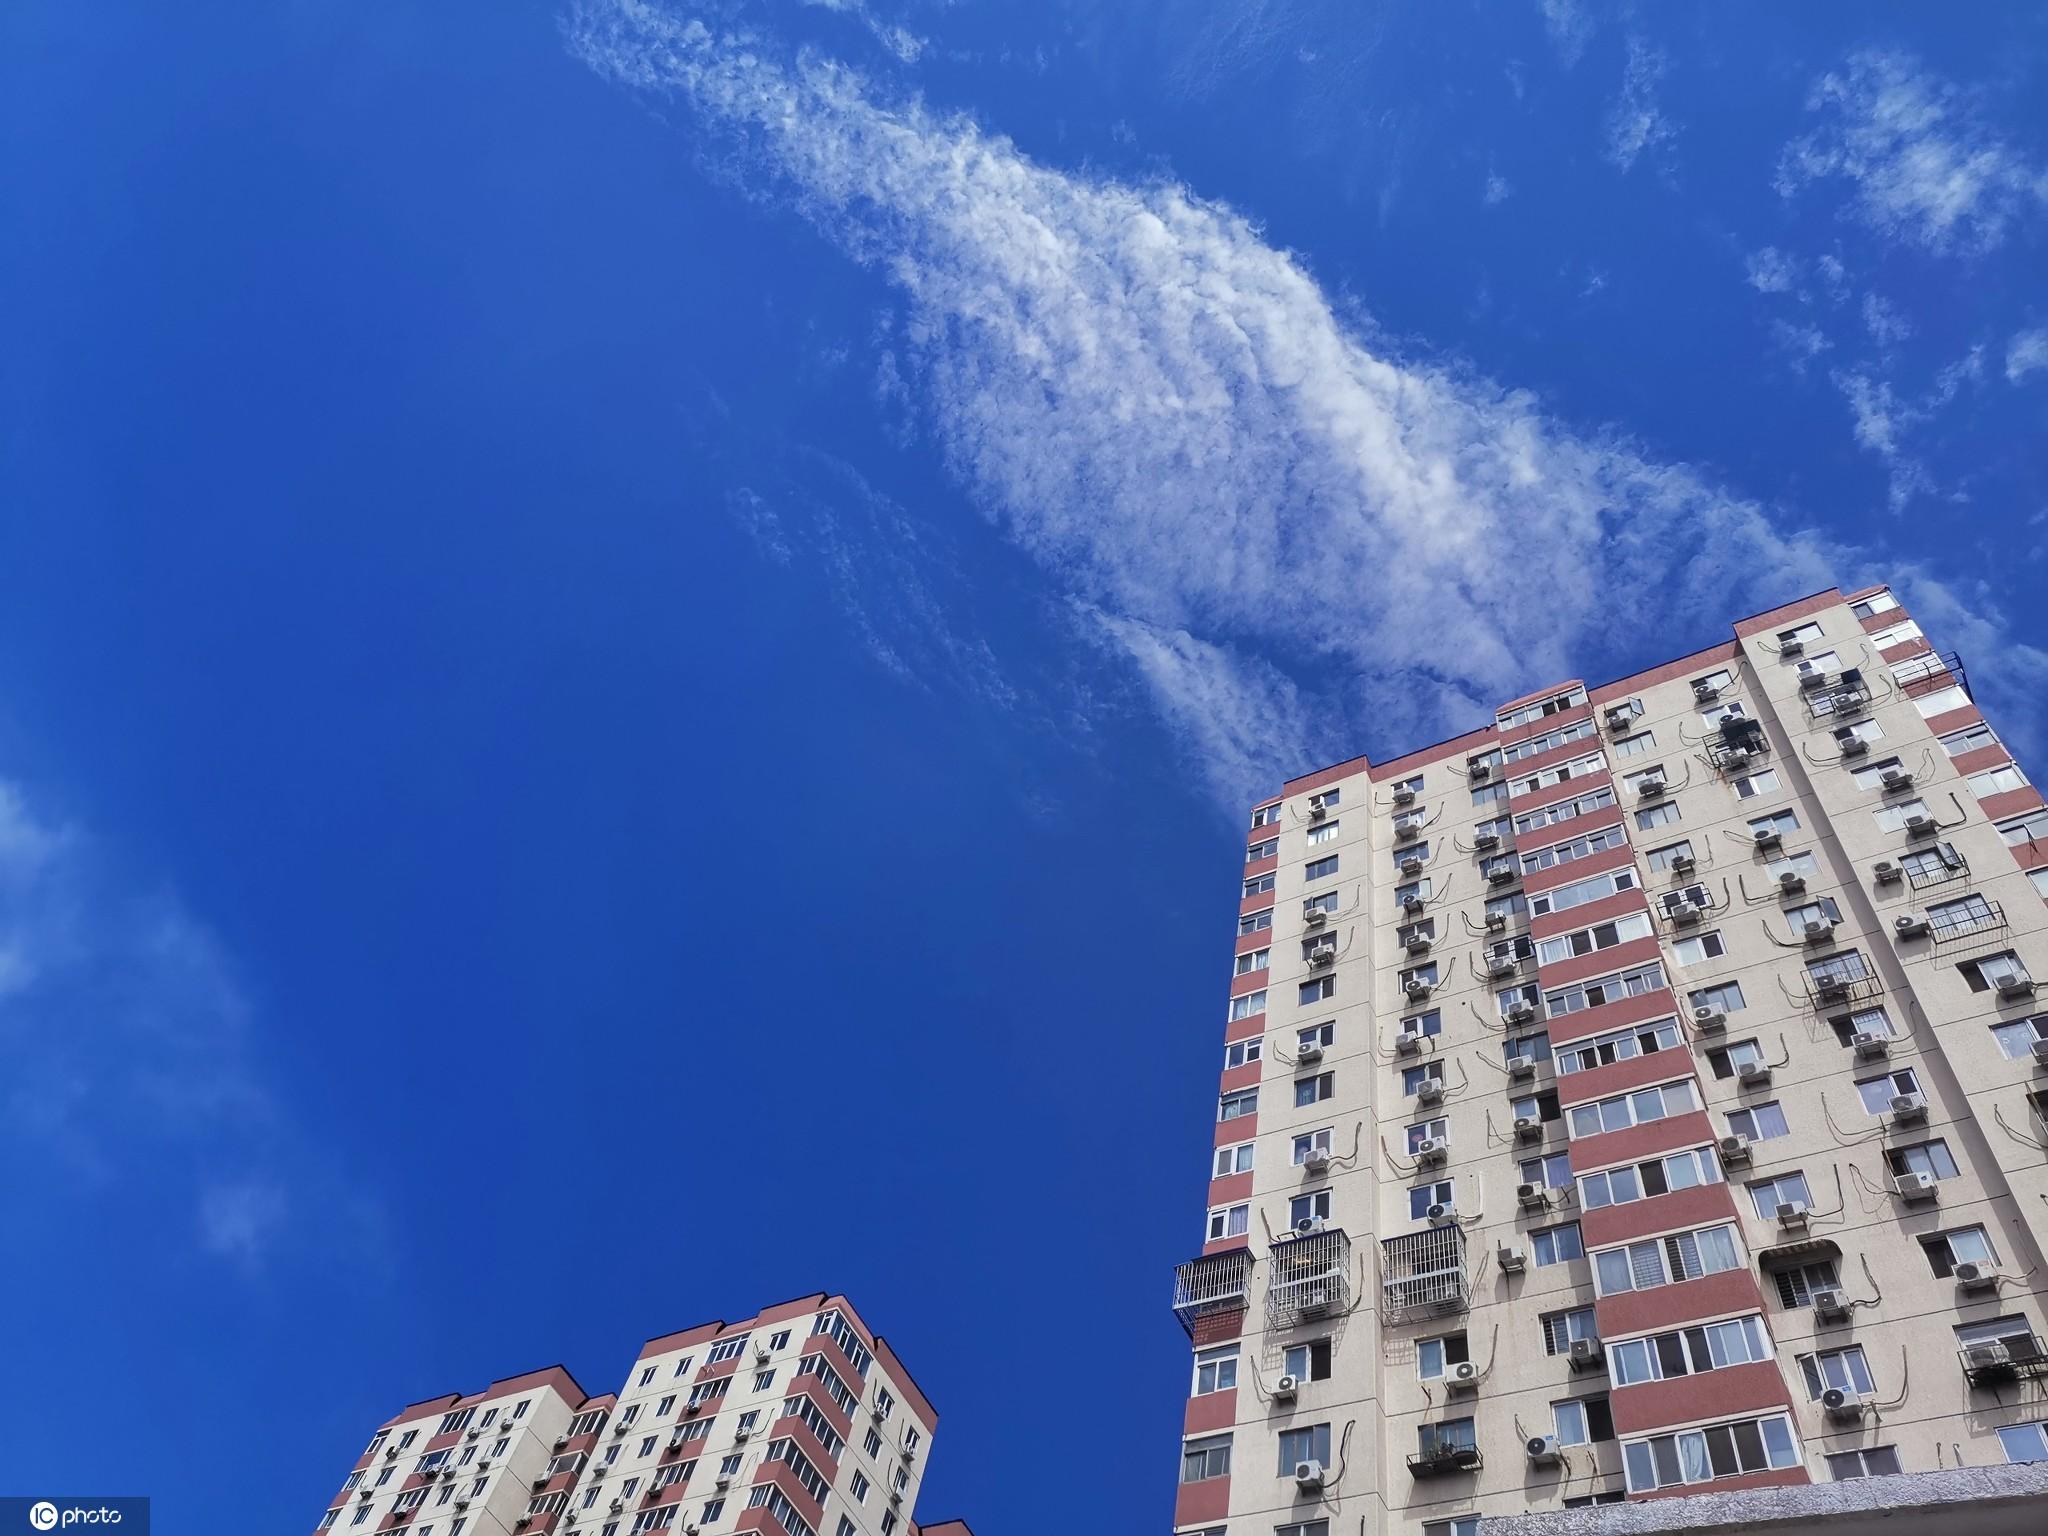 北京暴雨过下现高颜值天空?蓝天白云风景如画惹人醉